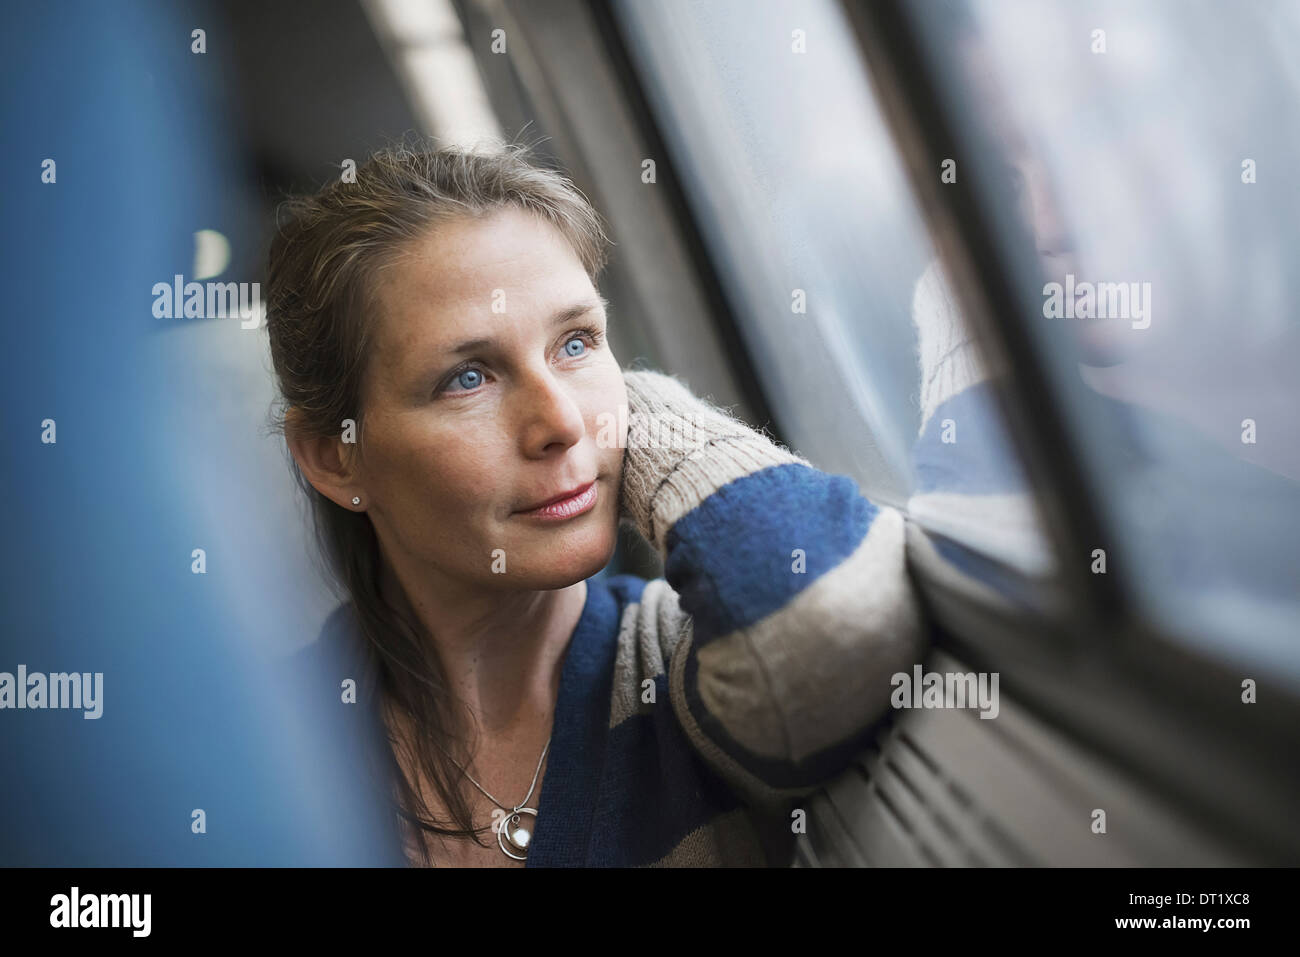 Una mujer sentada en un asiento de ventanilla en un carro de tren descansando su cabeza sobre su mano, mirando a la distancia Imagen De Stock